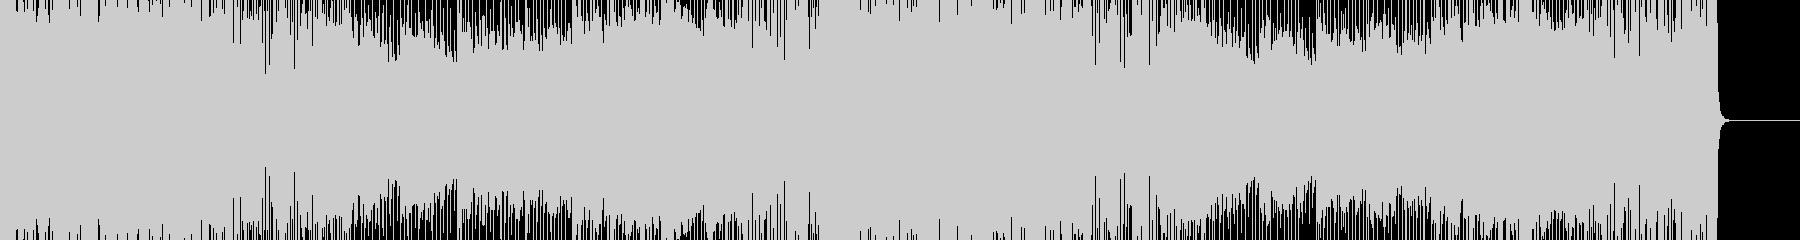 ハロウィン向けハードロックBGMの未再生の波形